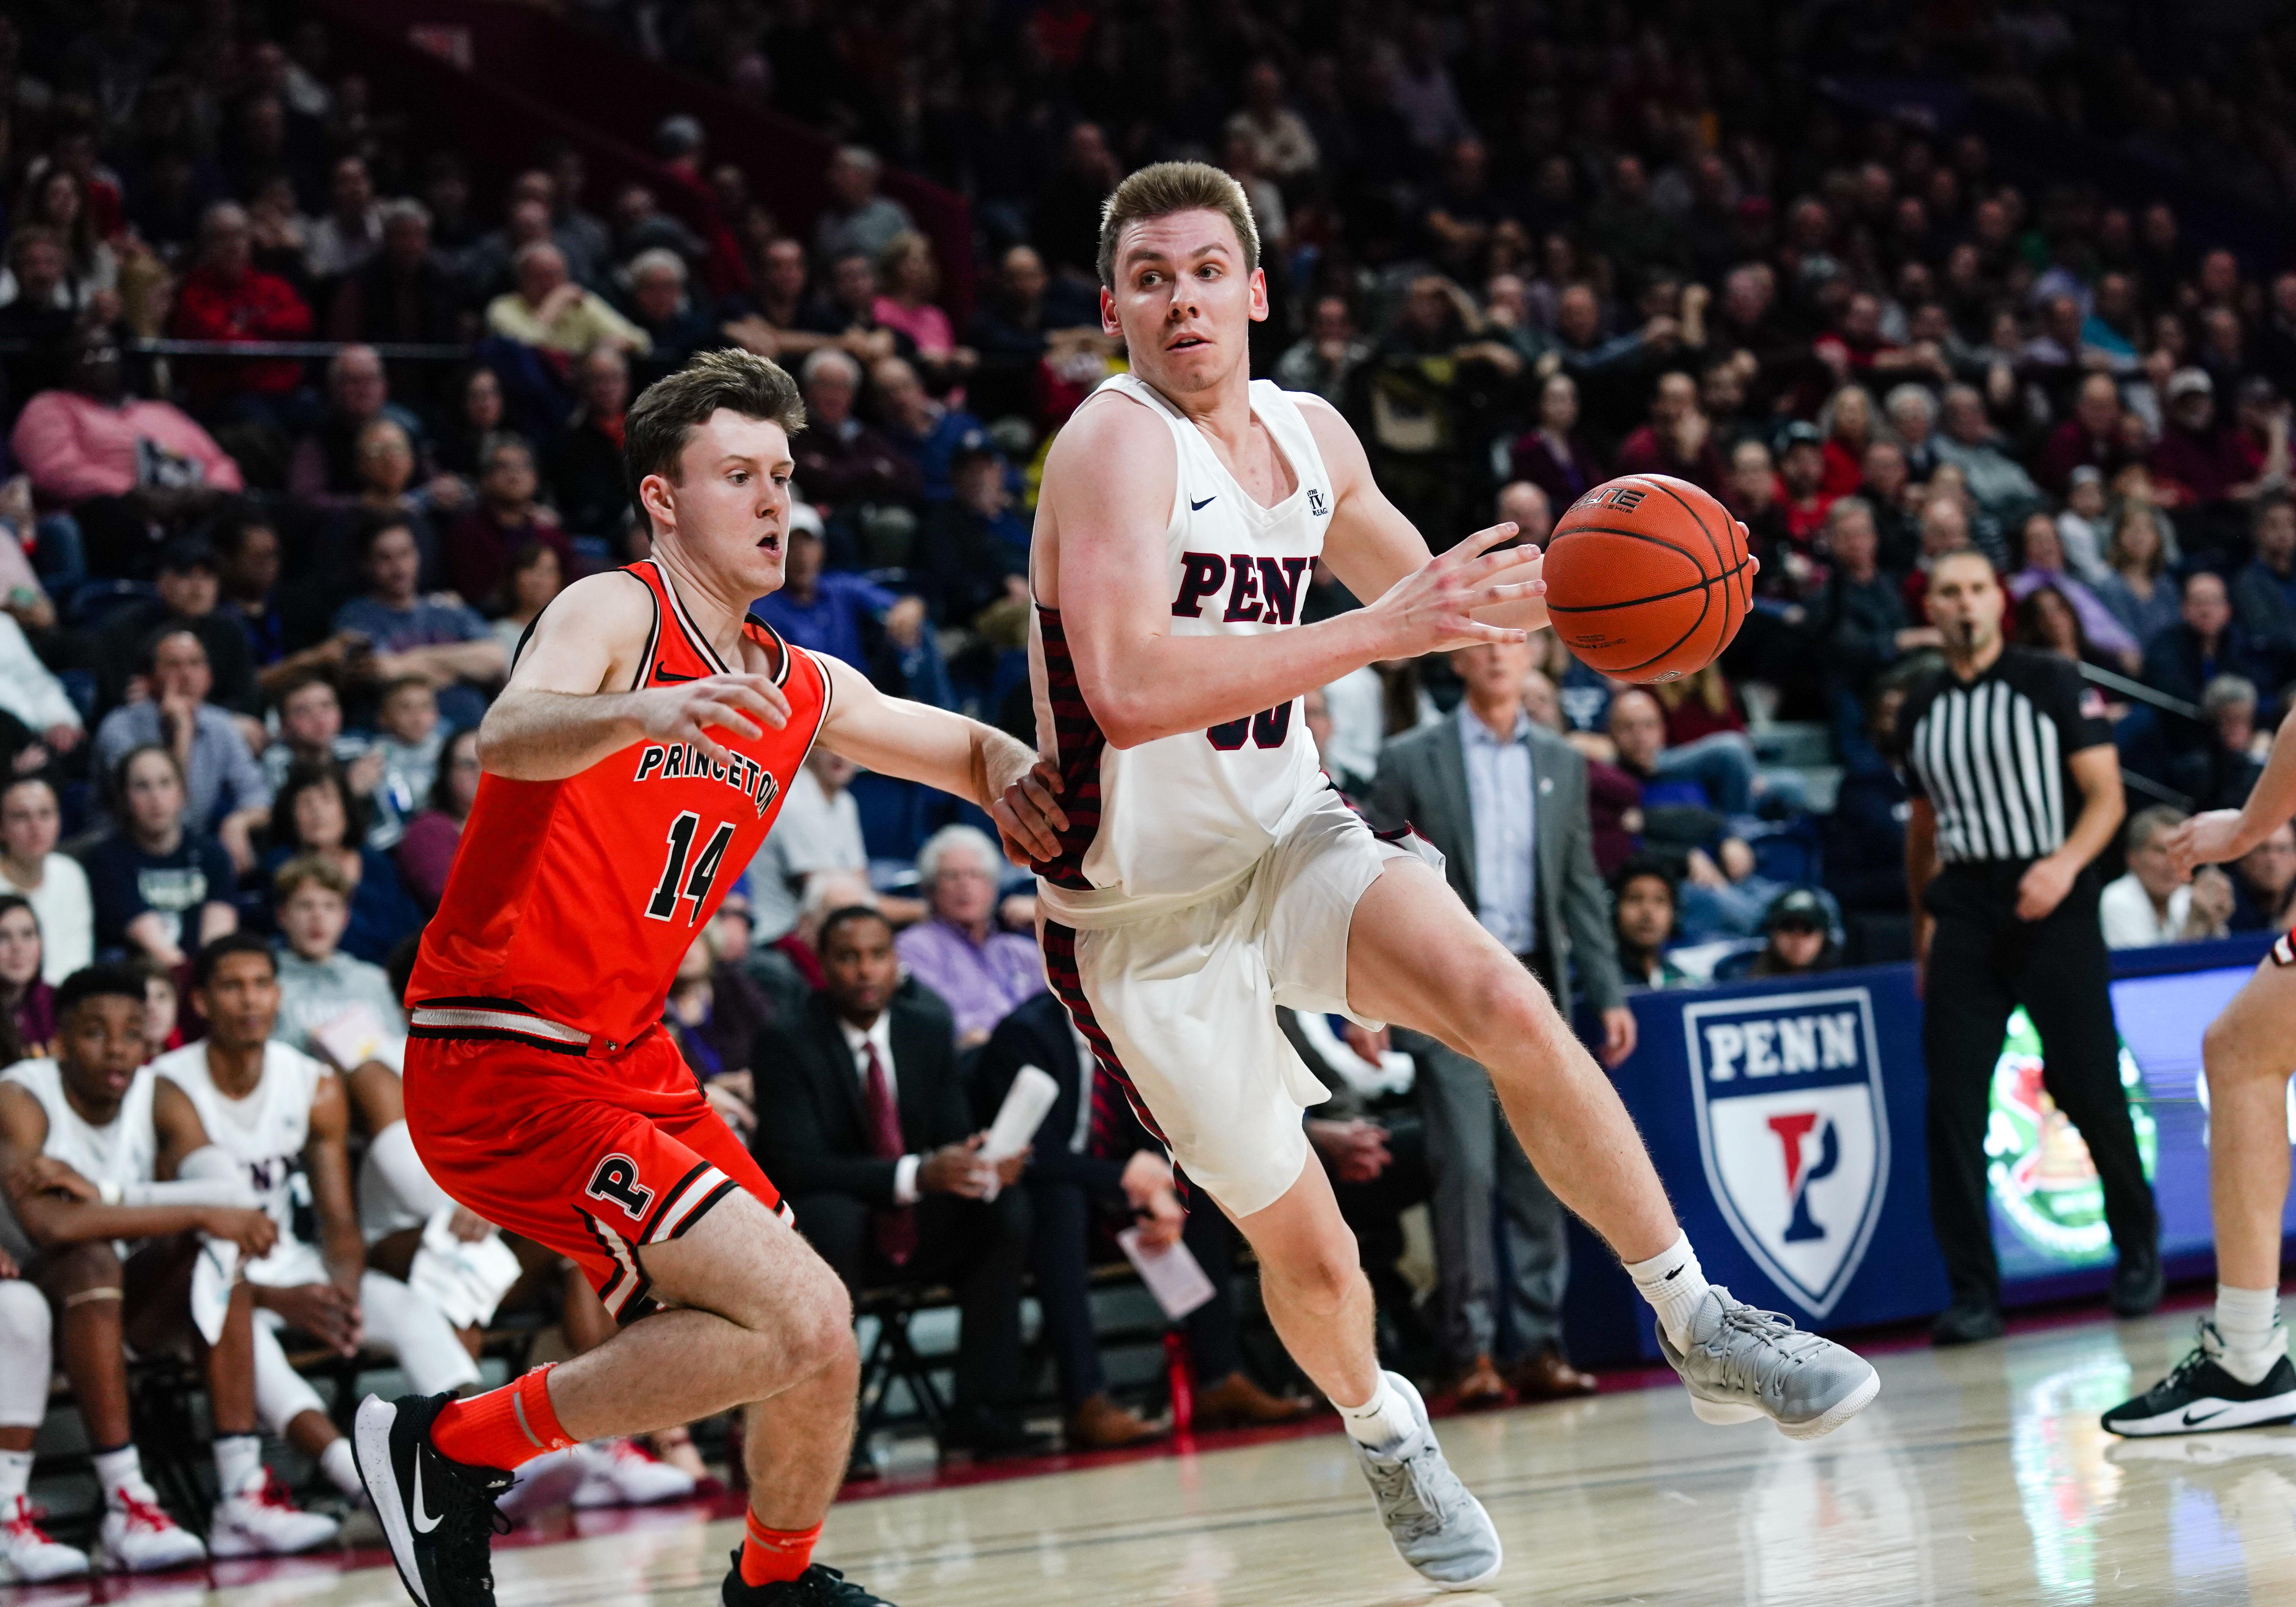 COLLEGE BASKETBALL: JAN 04 Princeton at Penn